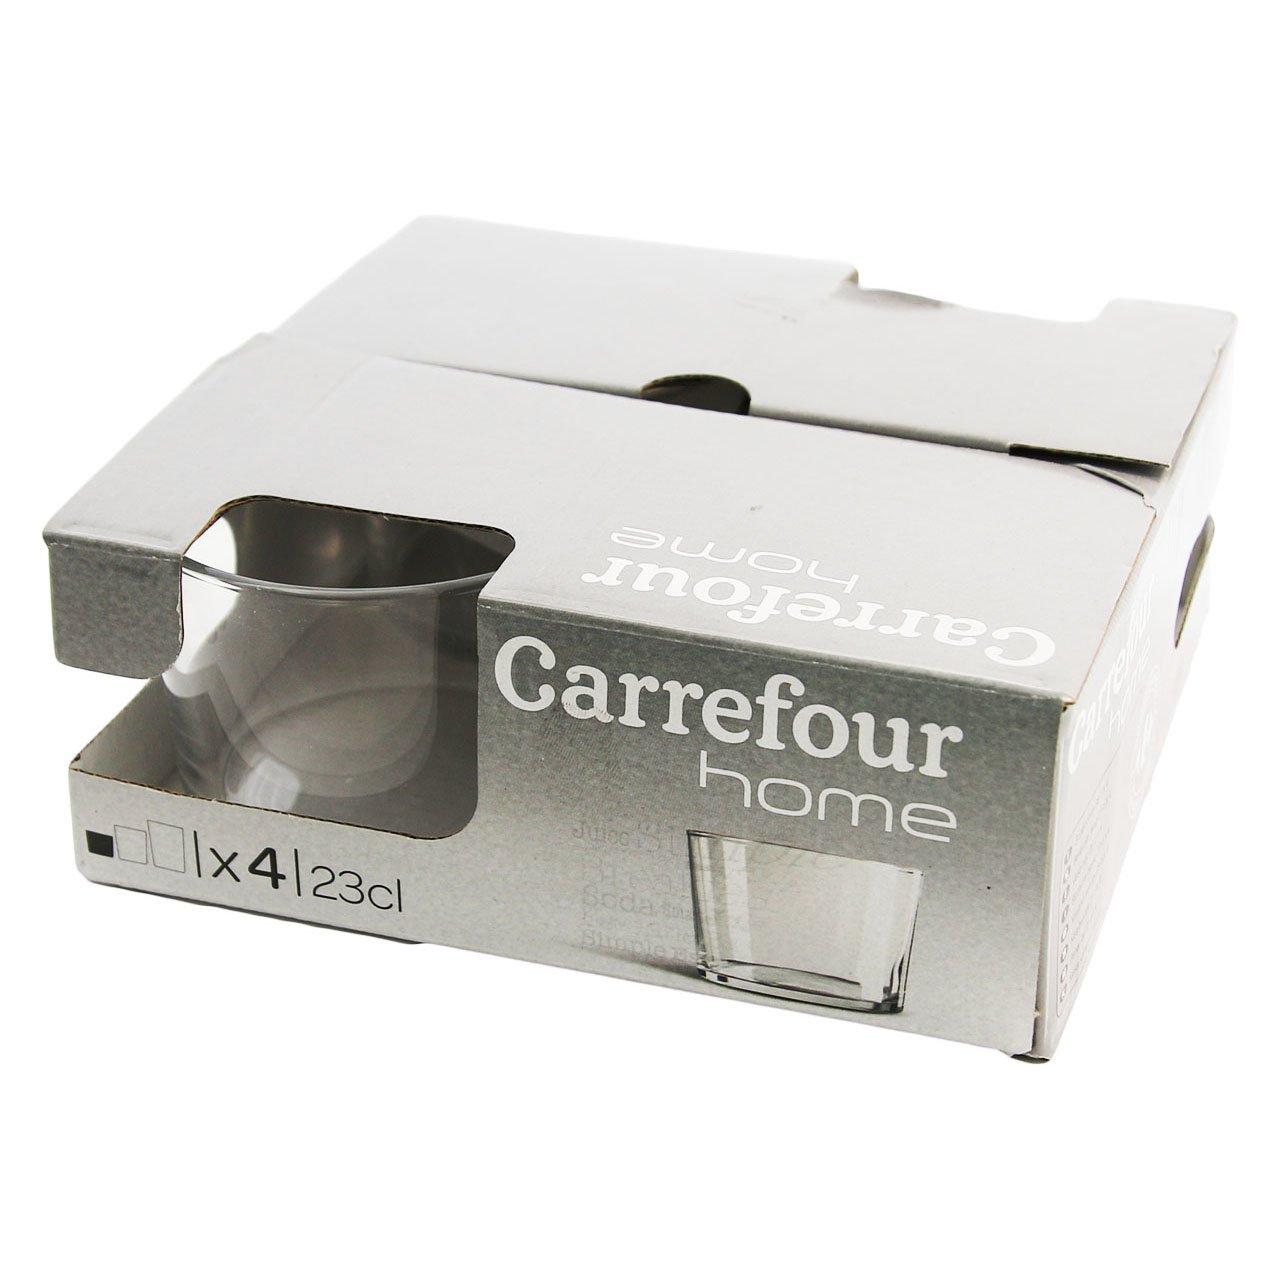 Carrefour Home 105583524 Transparente 4pieza(s) taza y tazón - Taza/vaso (Establecer, 0,23 L, Transparente, Vidrio, 4 pieza(s), 170 mm): Amazon.es: Hogar